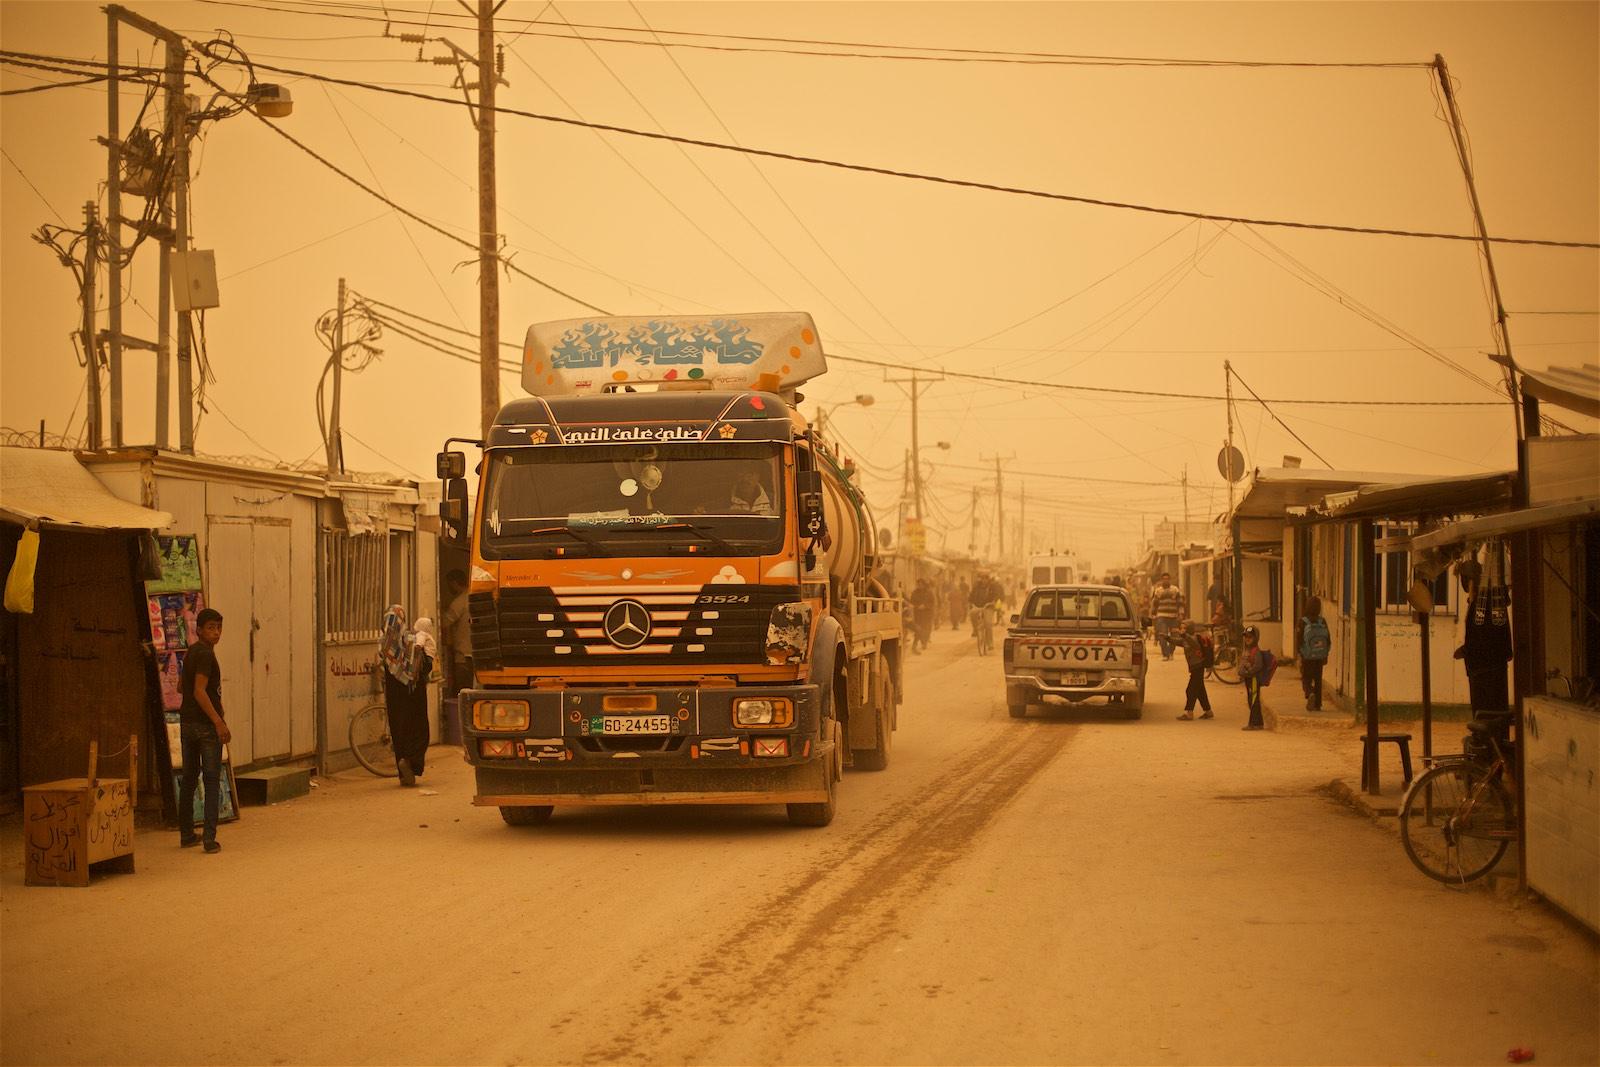 Kamióny s vodou na hlavnej ulici v tábore Zaatari, Jordánsko  (photo: Denis Bosnic)